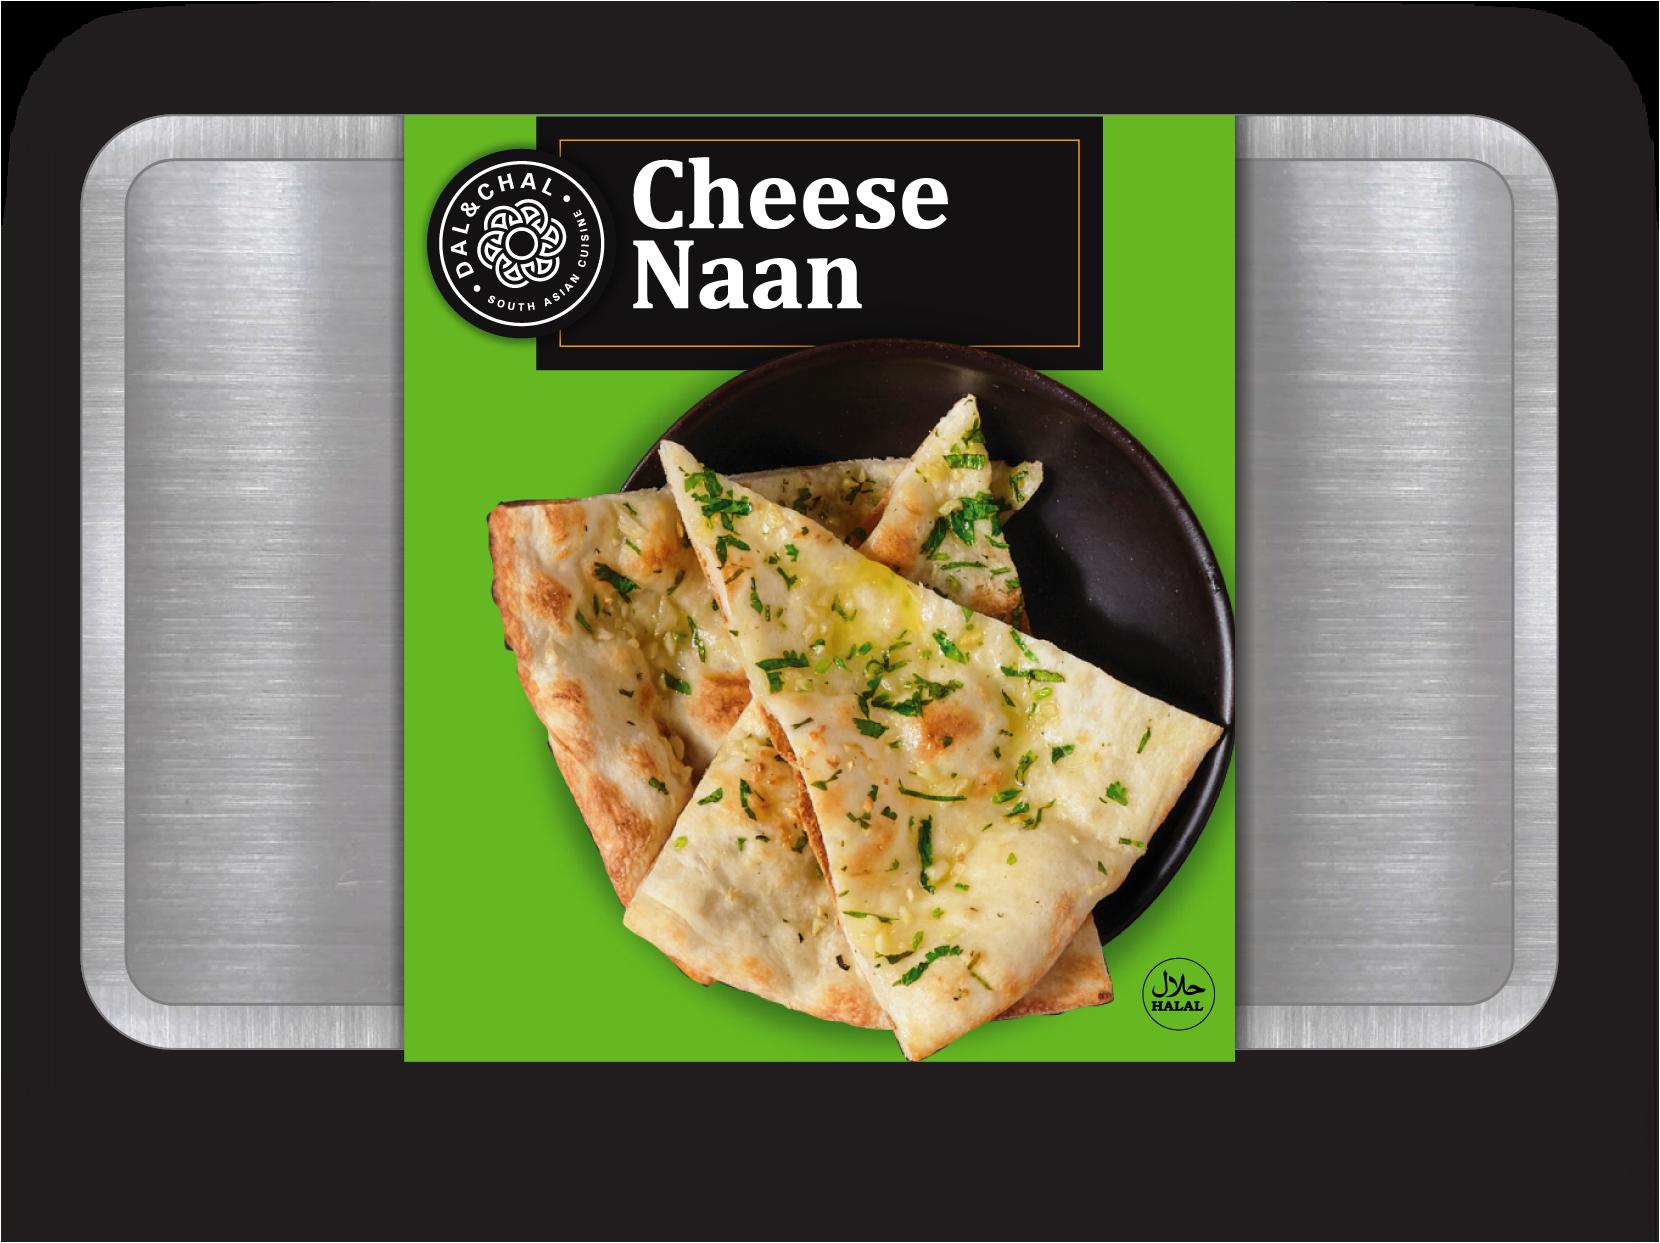 NAN CHEESE